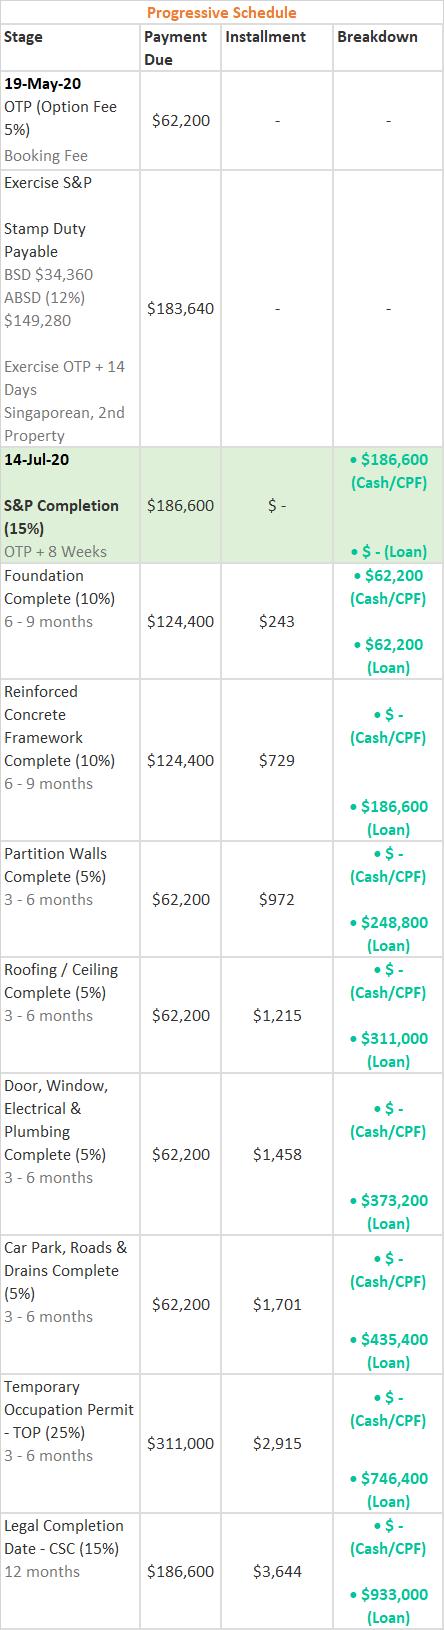 Progressive Payment Schedule of Verticus 1 BR